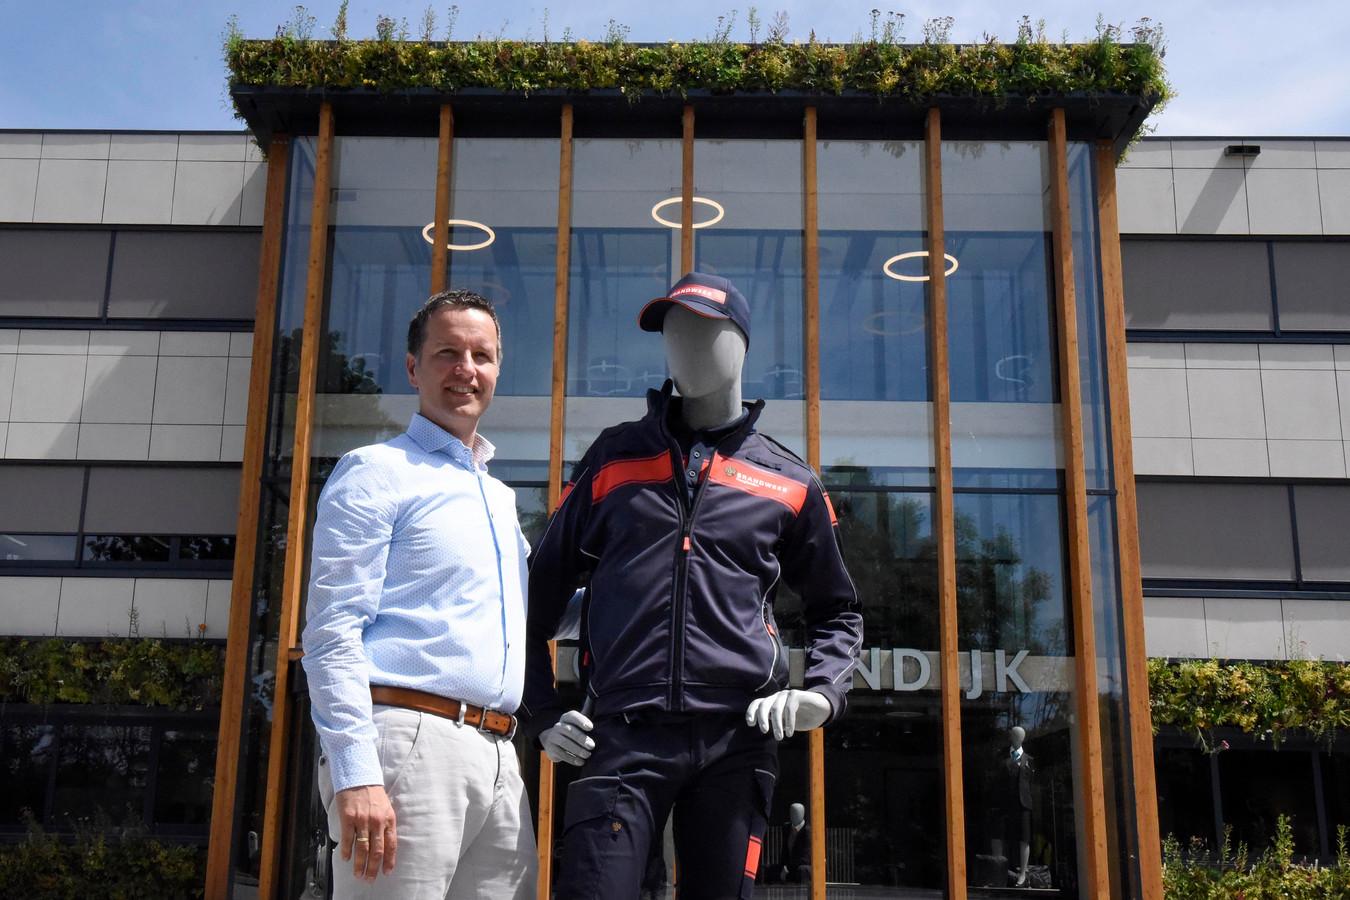 Directeur Marien Groenendijk voor het nieuwe bedrijfspand aan de Carrosserieweg. De paspop draagt het nieuwe uniform van de brandweer Haaglanden.